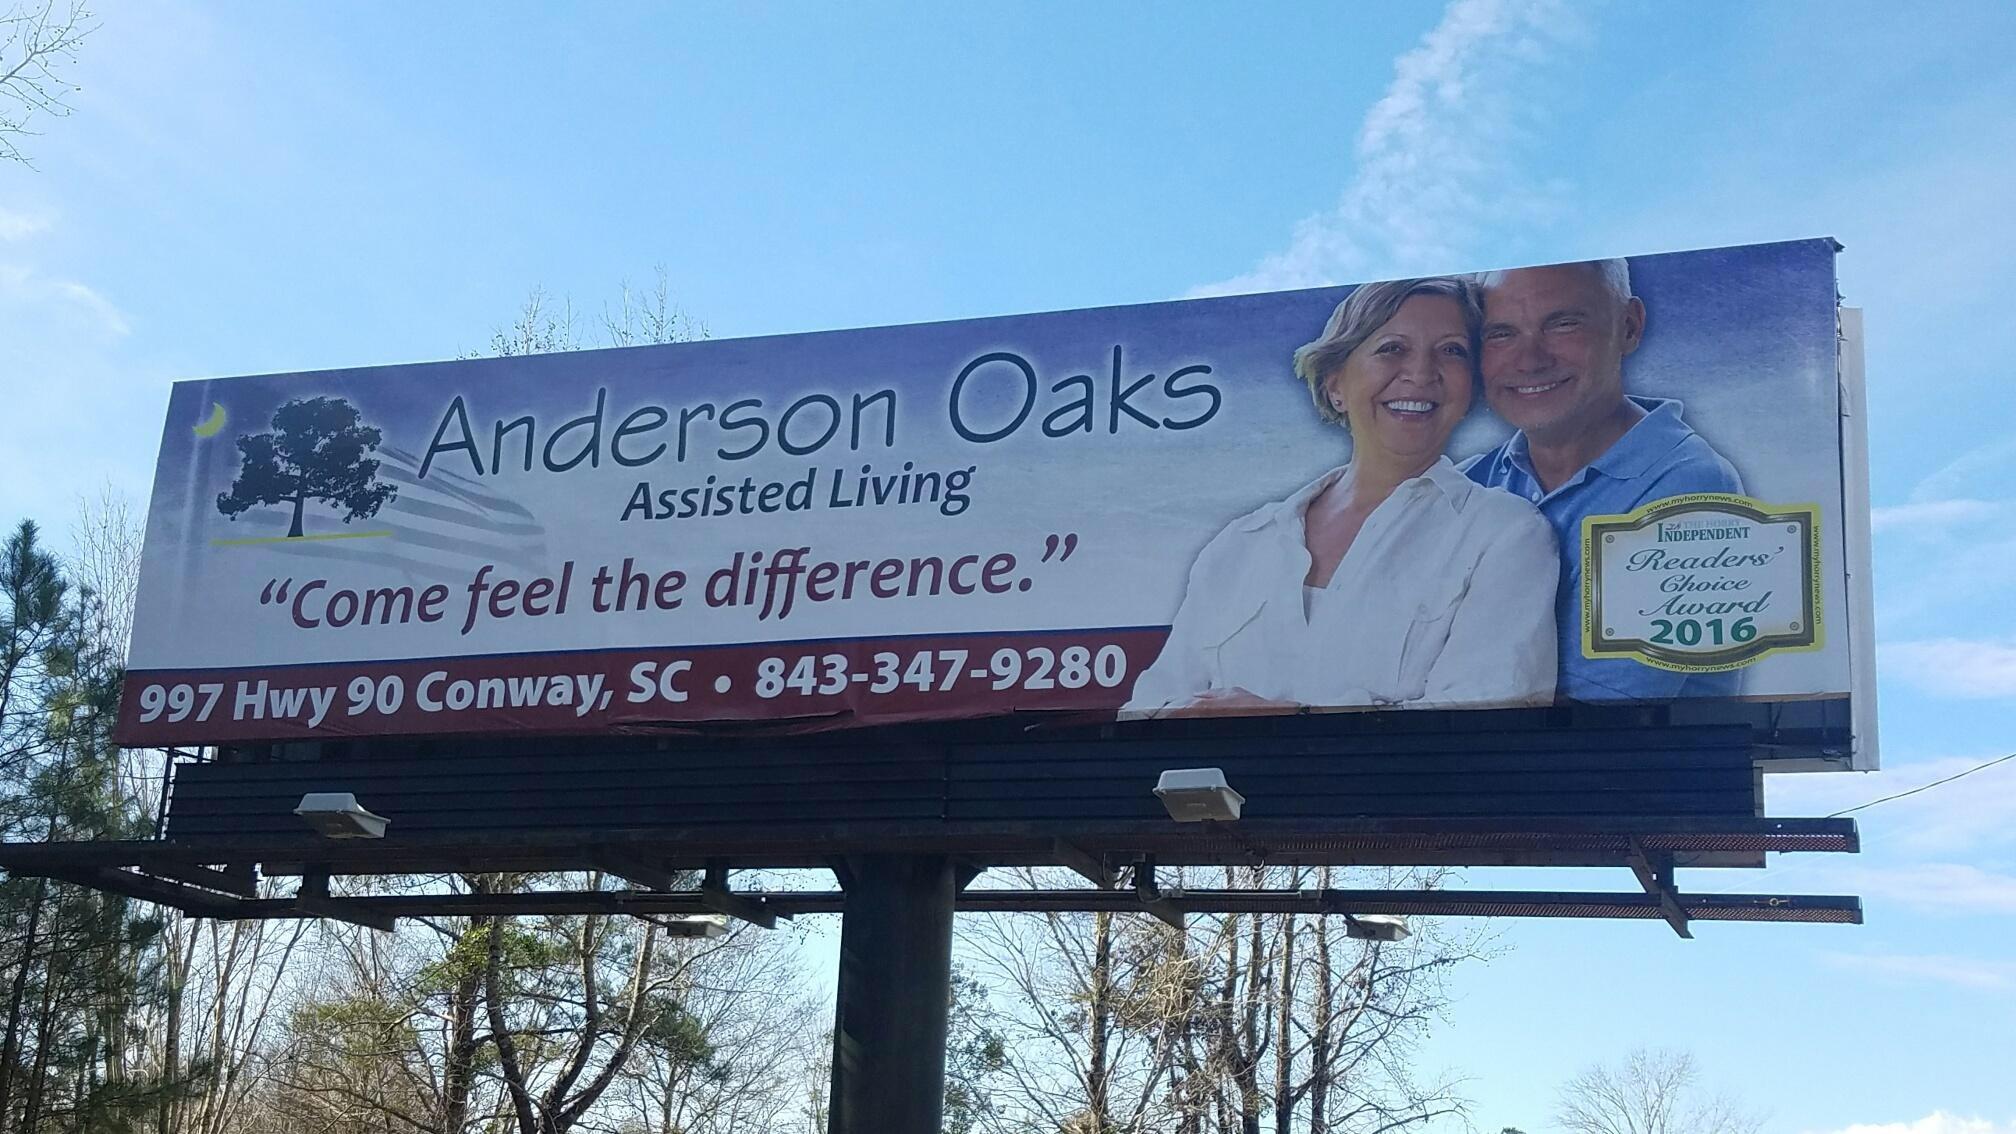 anderson oaks billboard,